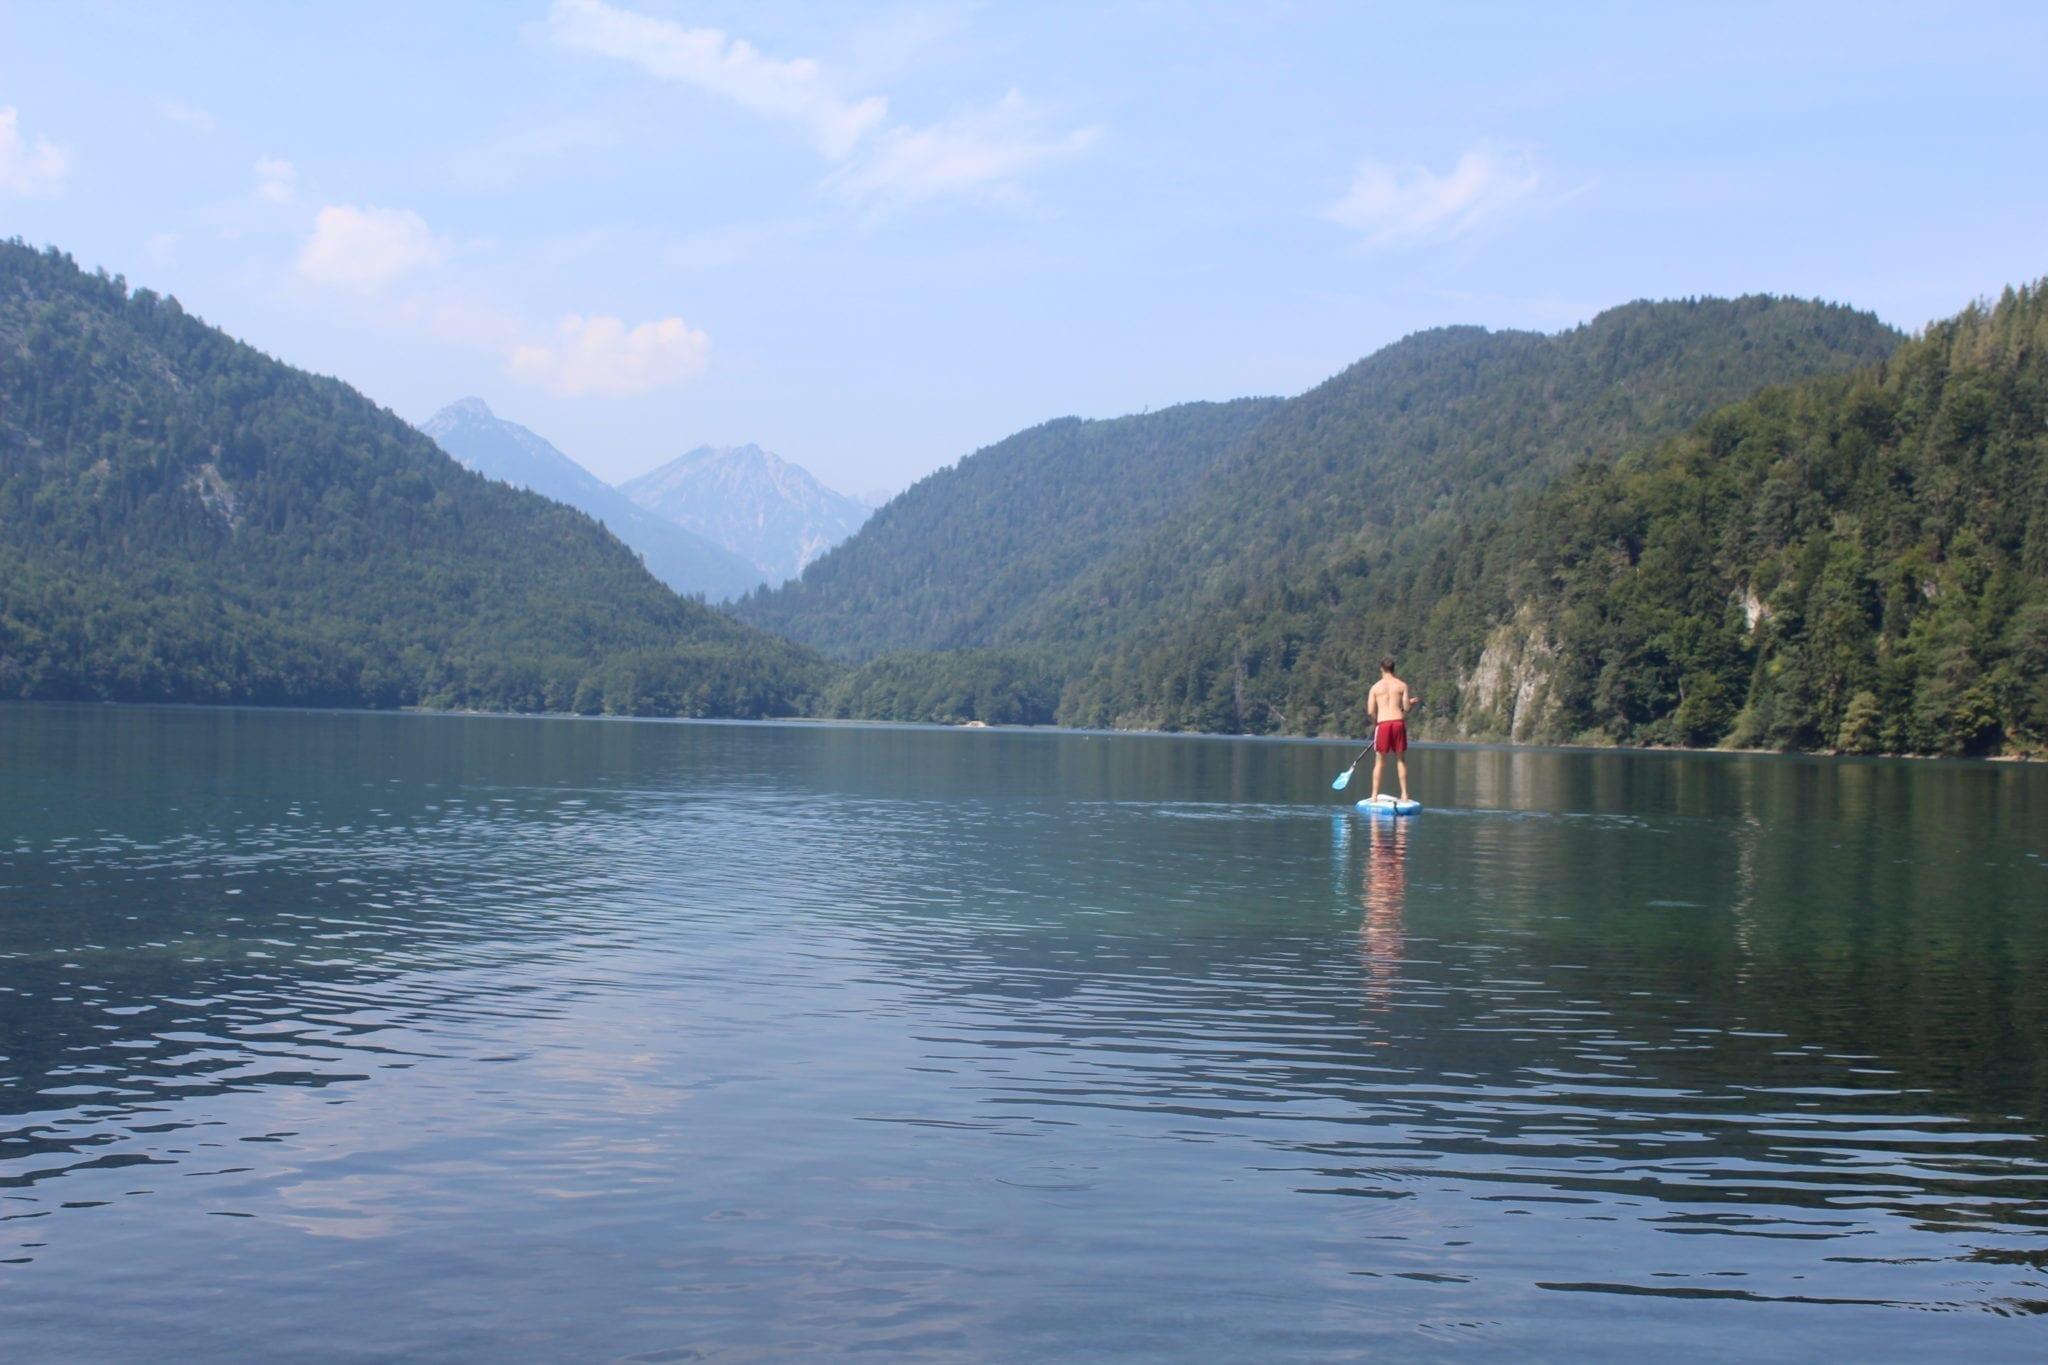 Placid paddling on the Alpsee